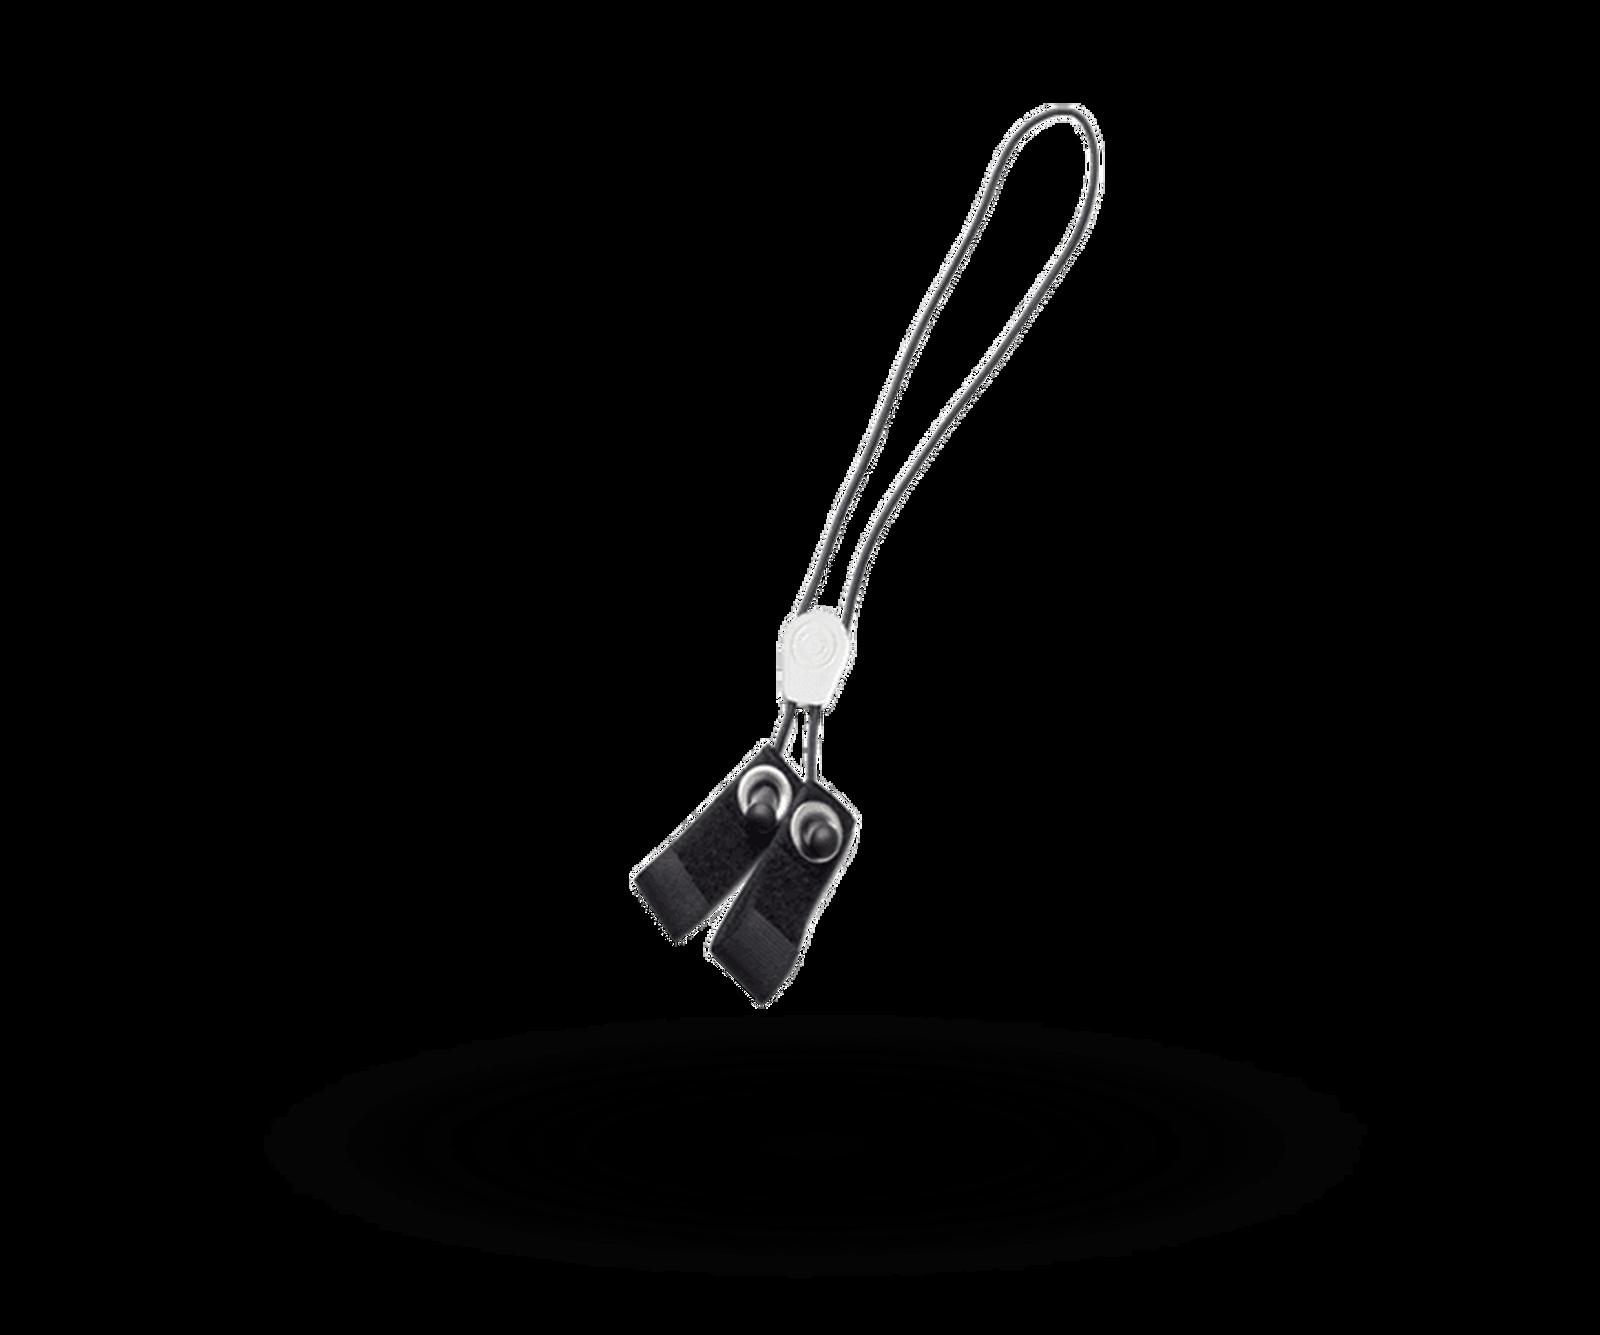 Bugaboo cordon élastique pour planche à roulette